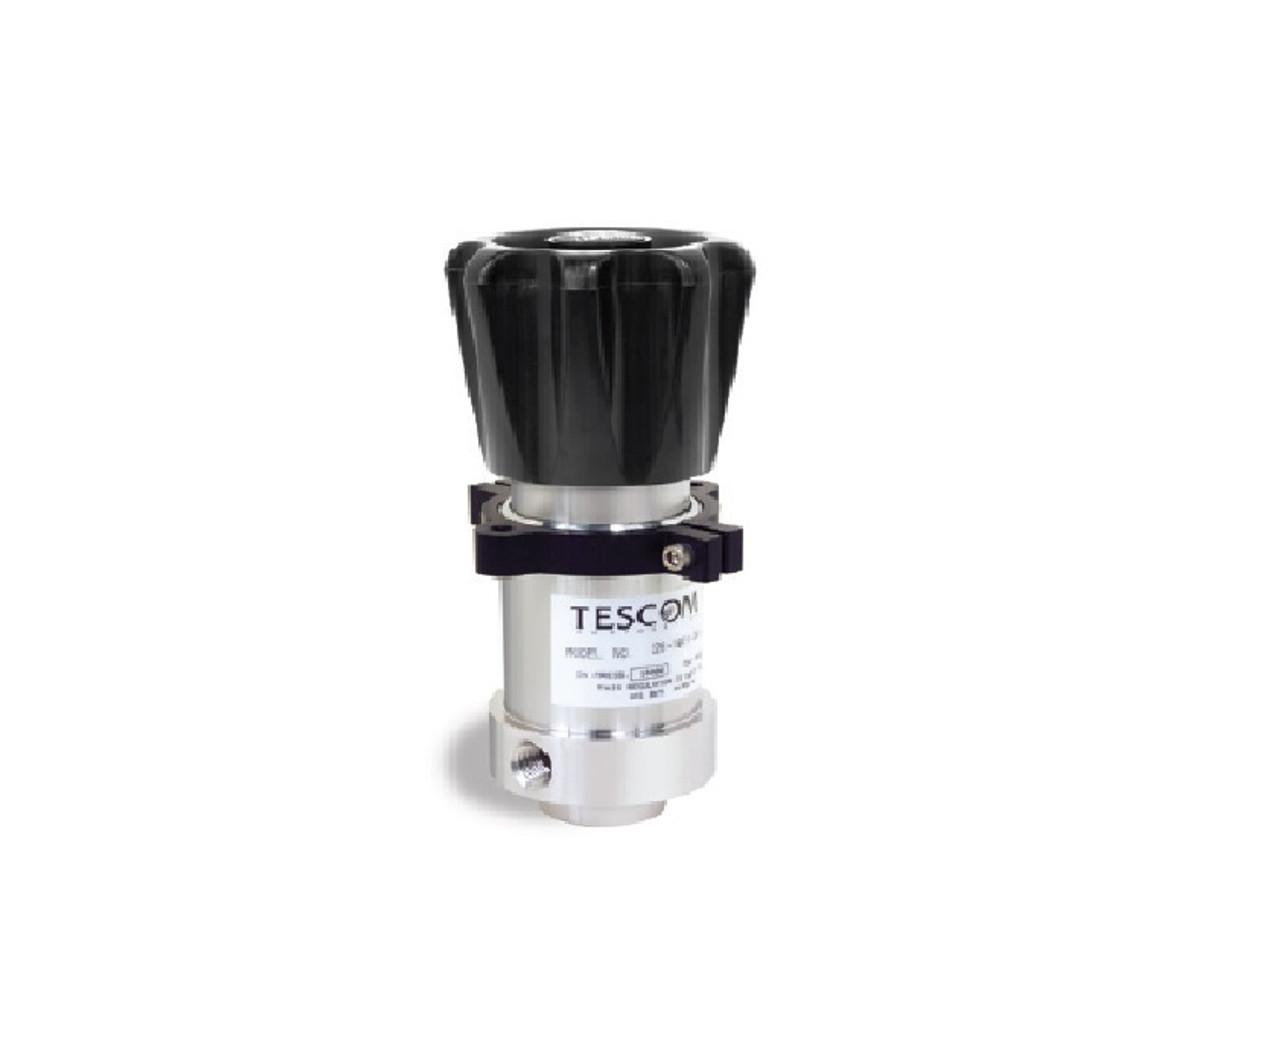 Pressure Reducing Regulator, Tescom 26-1000 Series